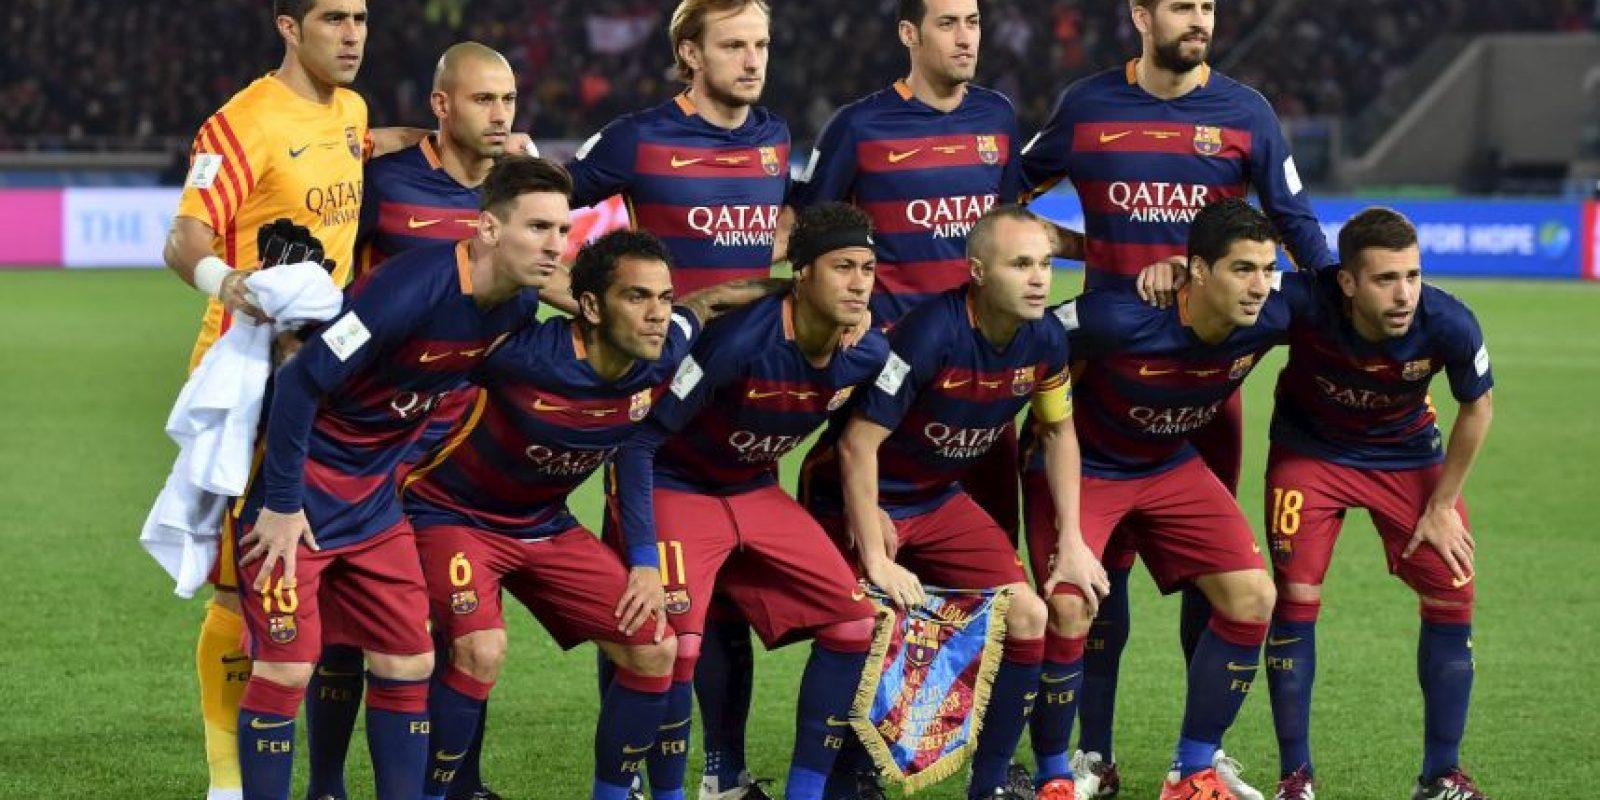 3. Barcelona se lleva cinco títulos. El Mundial de Clubes fue el cierre con broche de oro; solo perdieron la Supercopa de España ante el Atheltic de Bilbao Foto:Getty Images